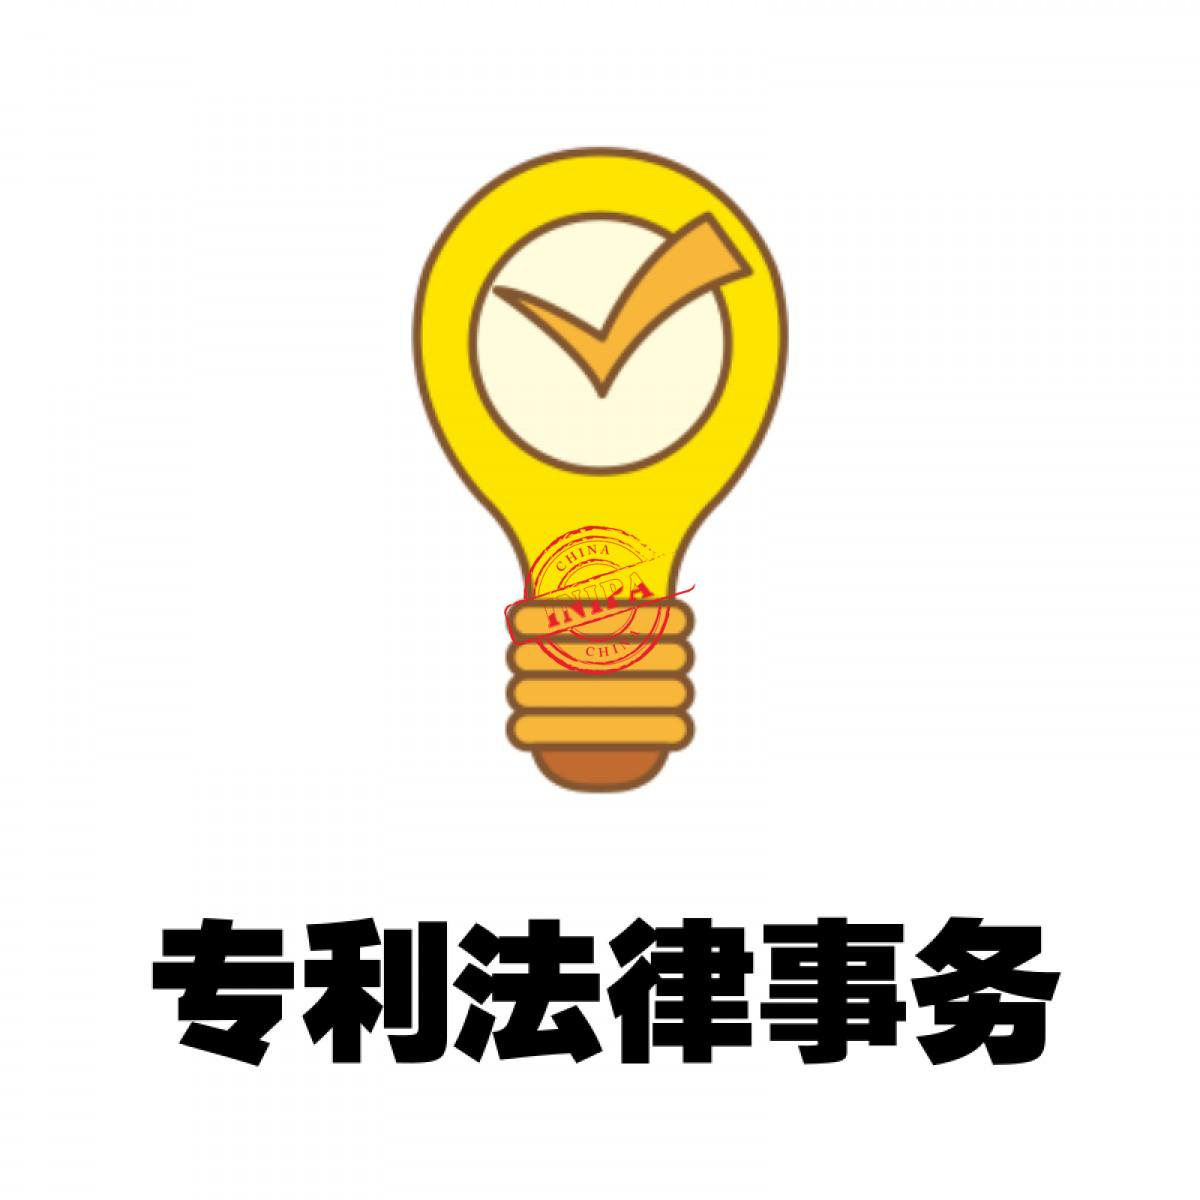 专利法律事务—知识产权法律服务